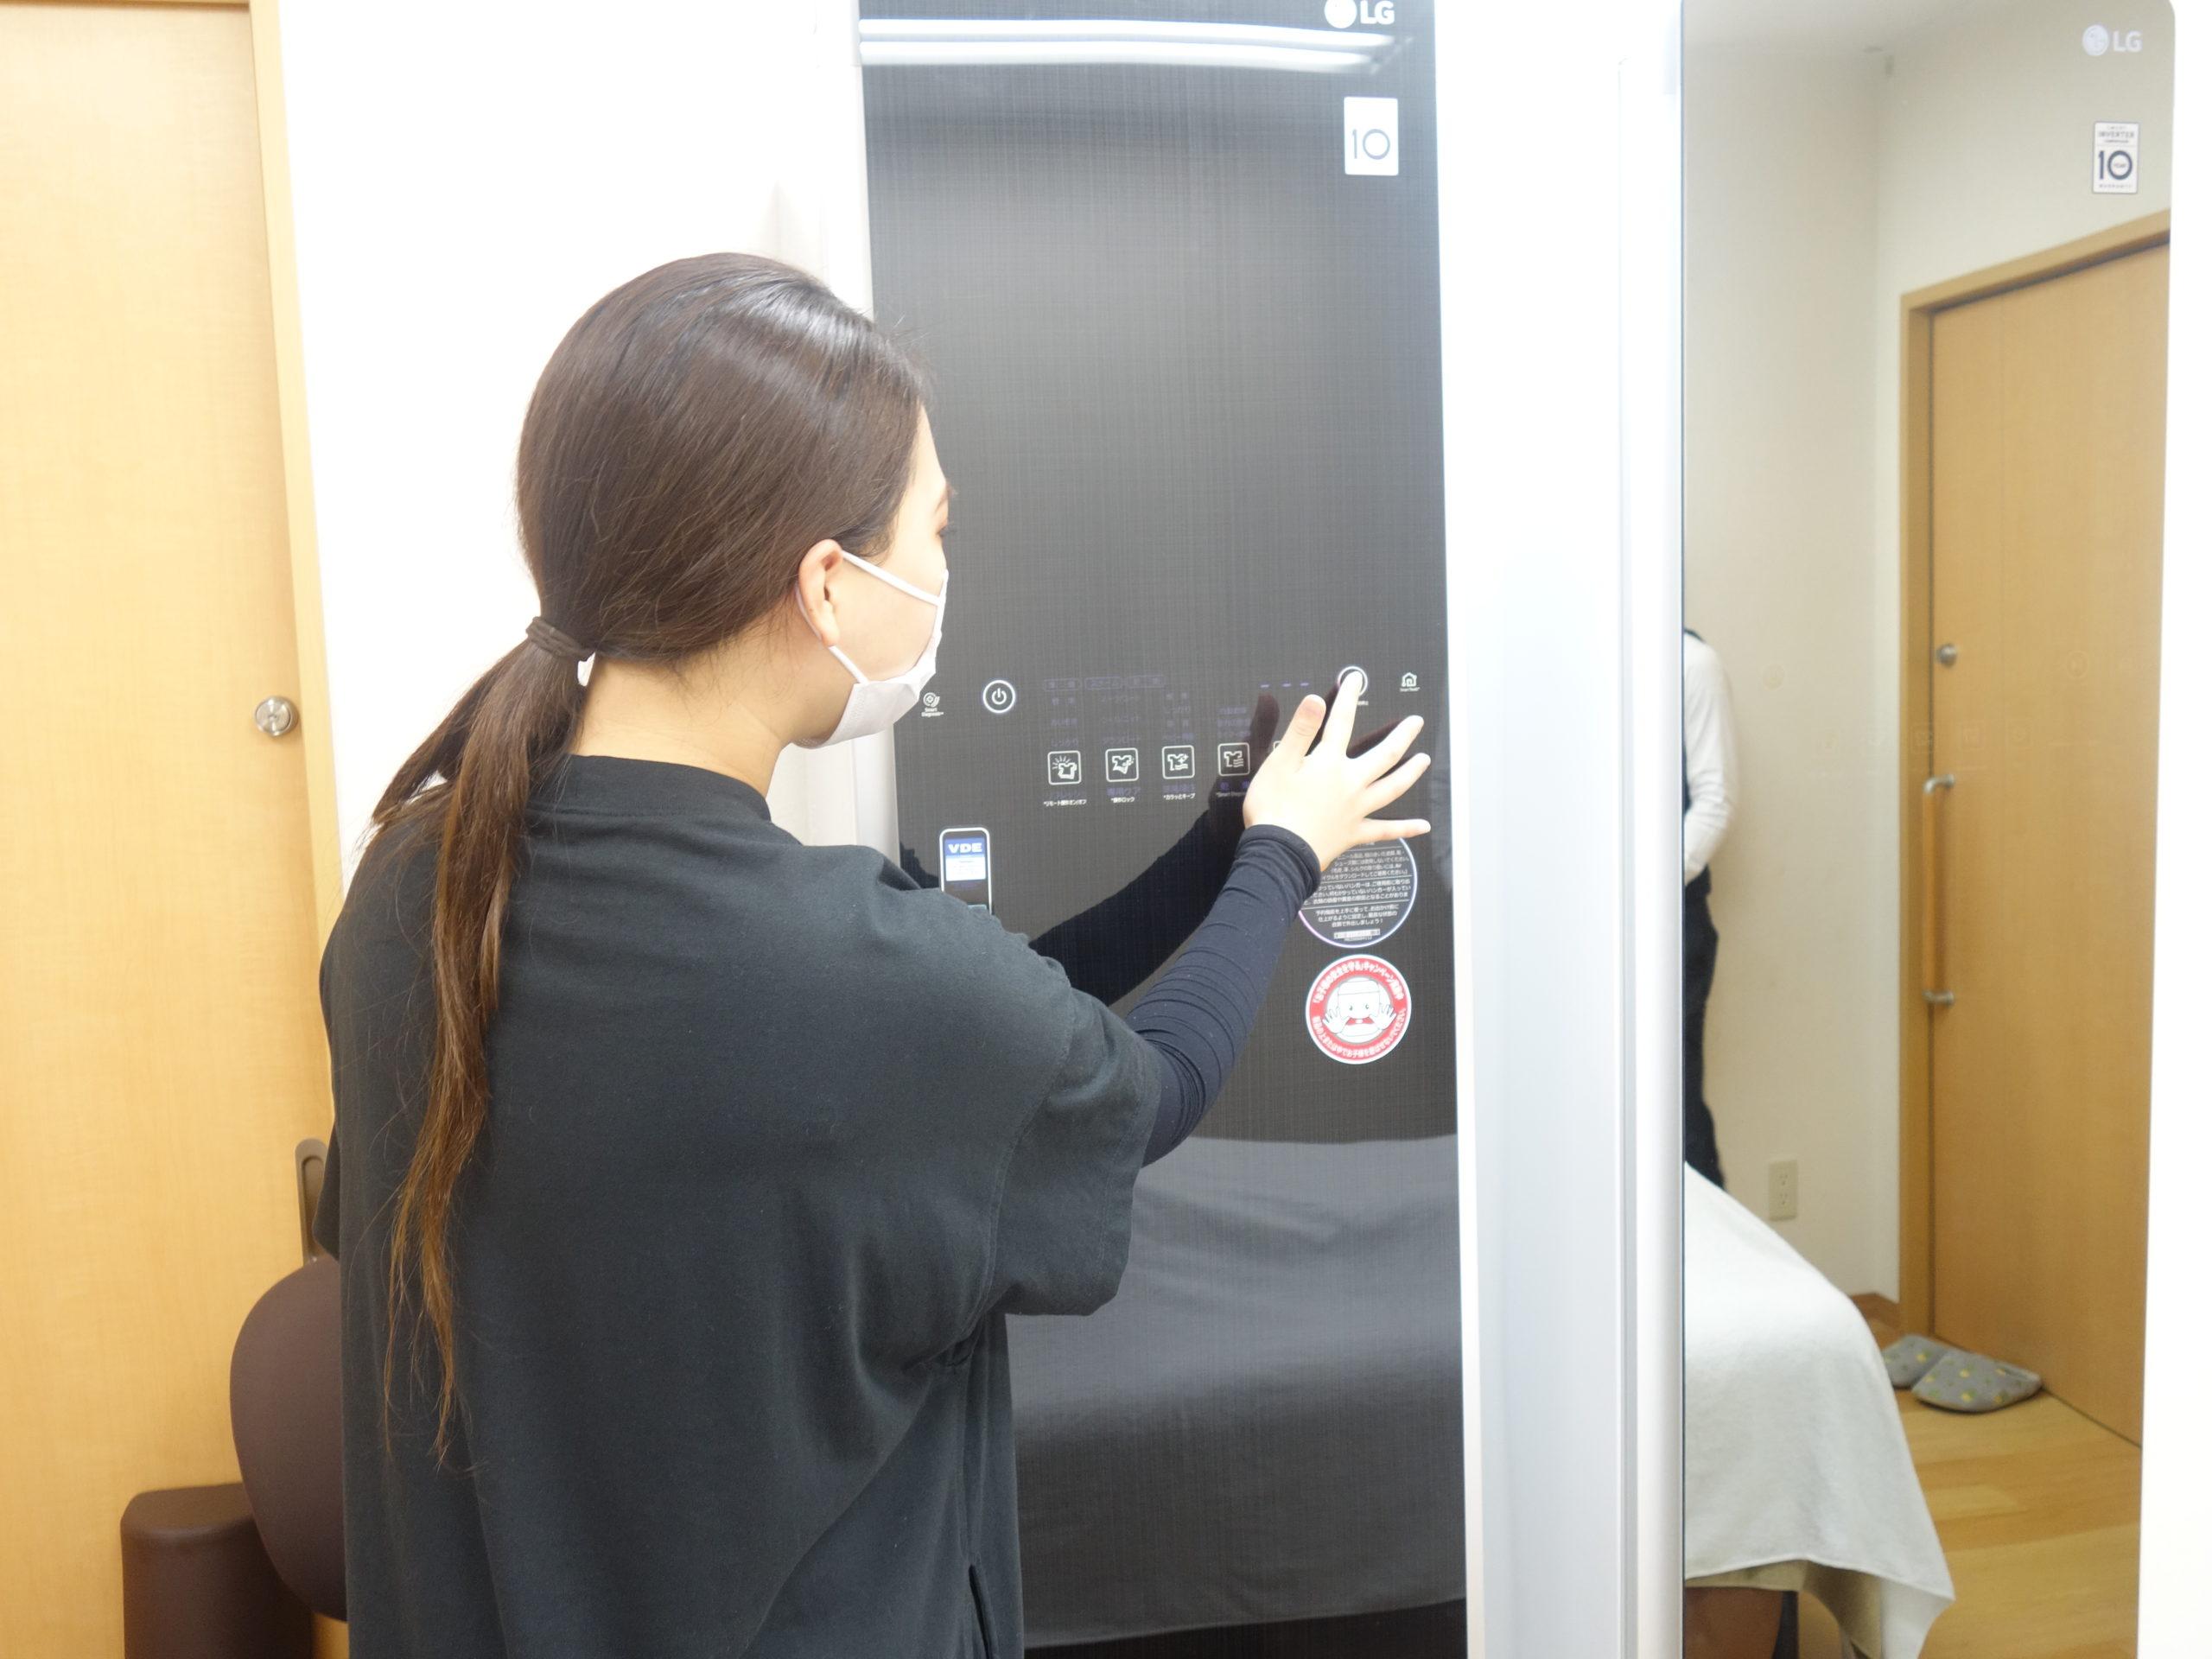 高岡市でマッサージなら完全個室の【りらっくりん】へ!腰痛や肩こり集中対応可